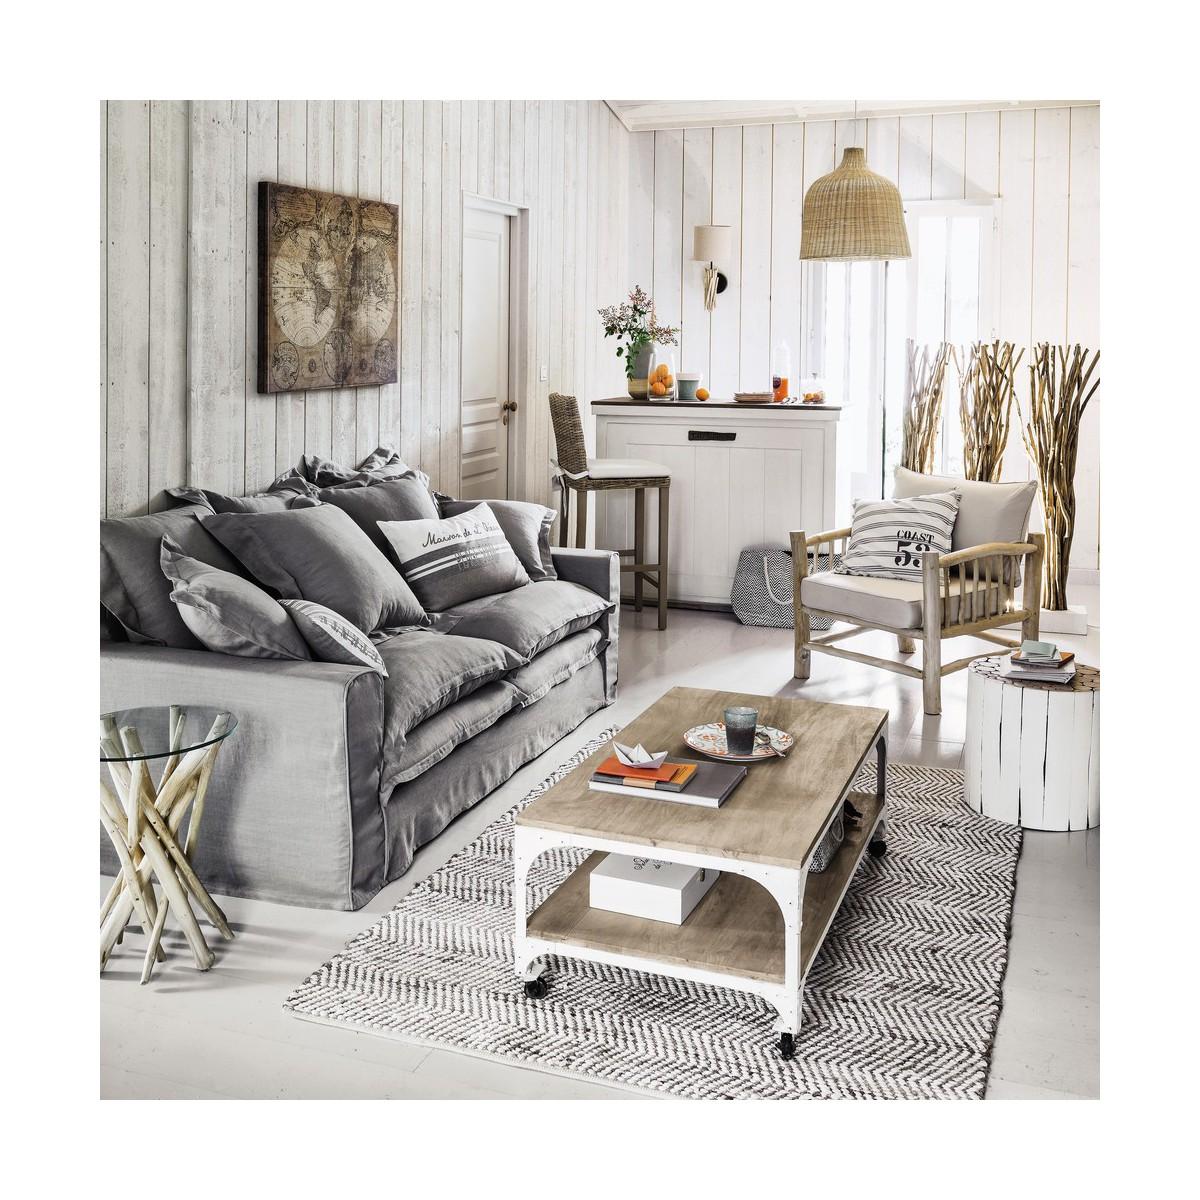 meuble bois gris vieilli formidable bahut salle a manger. Black Bedroom Furniture Sets. Home Design Ideas